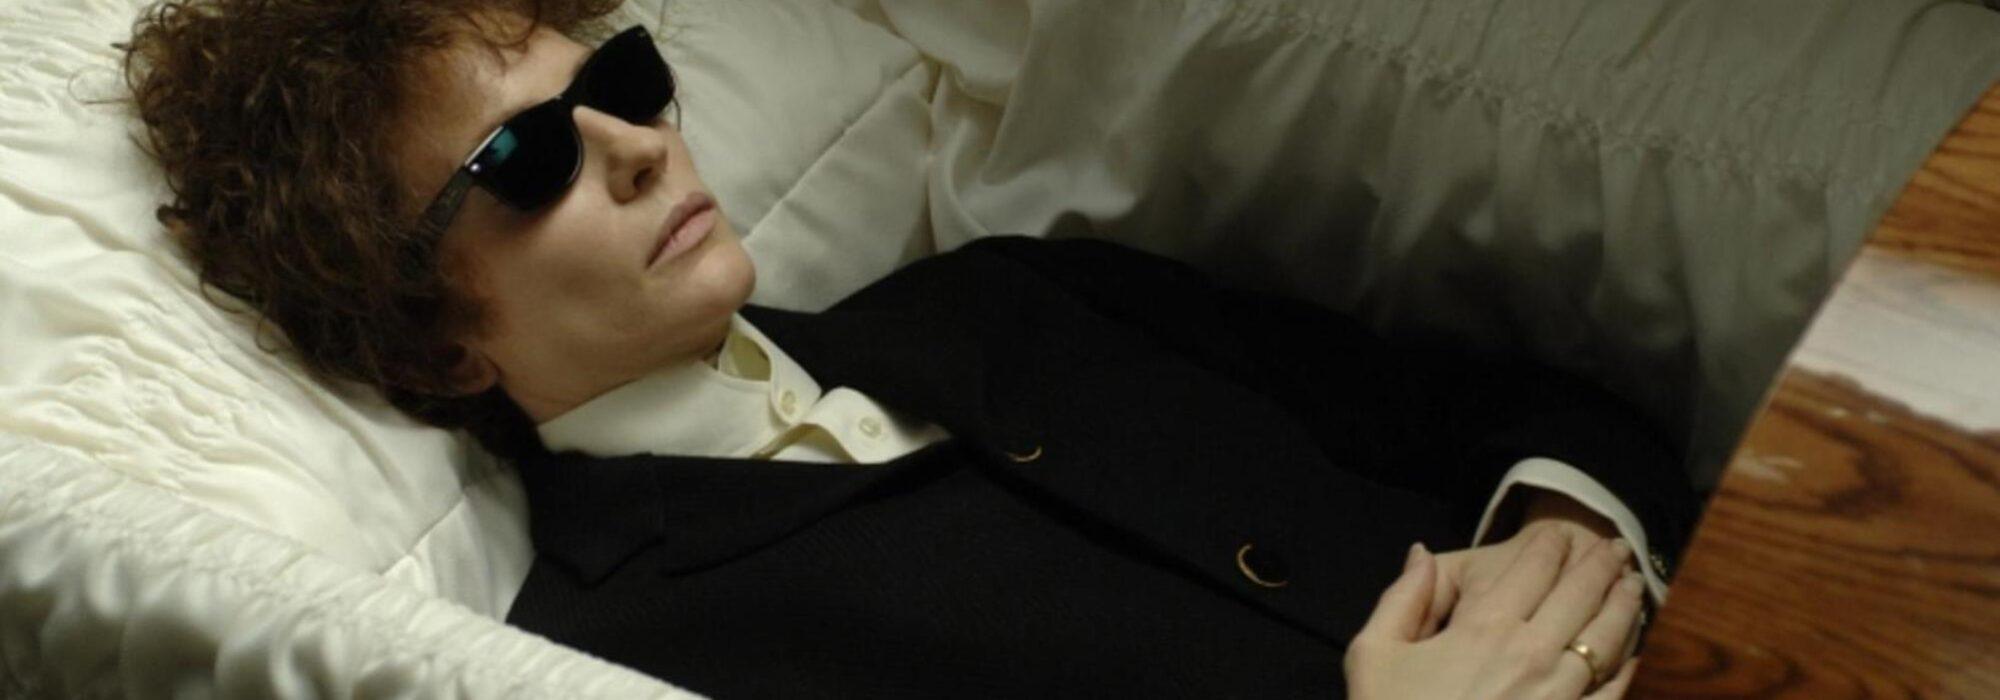 Imagem: cena do filme Não Estou Lá (Todd Haynes, 2008)